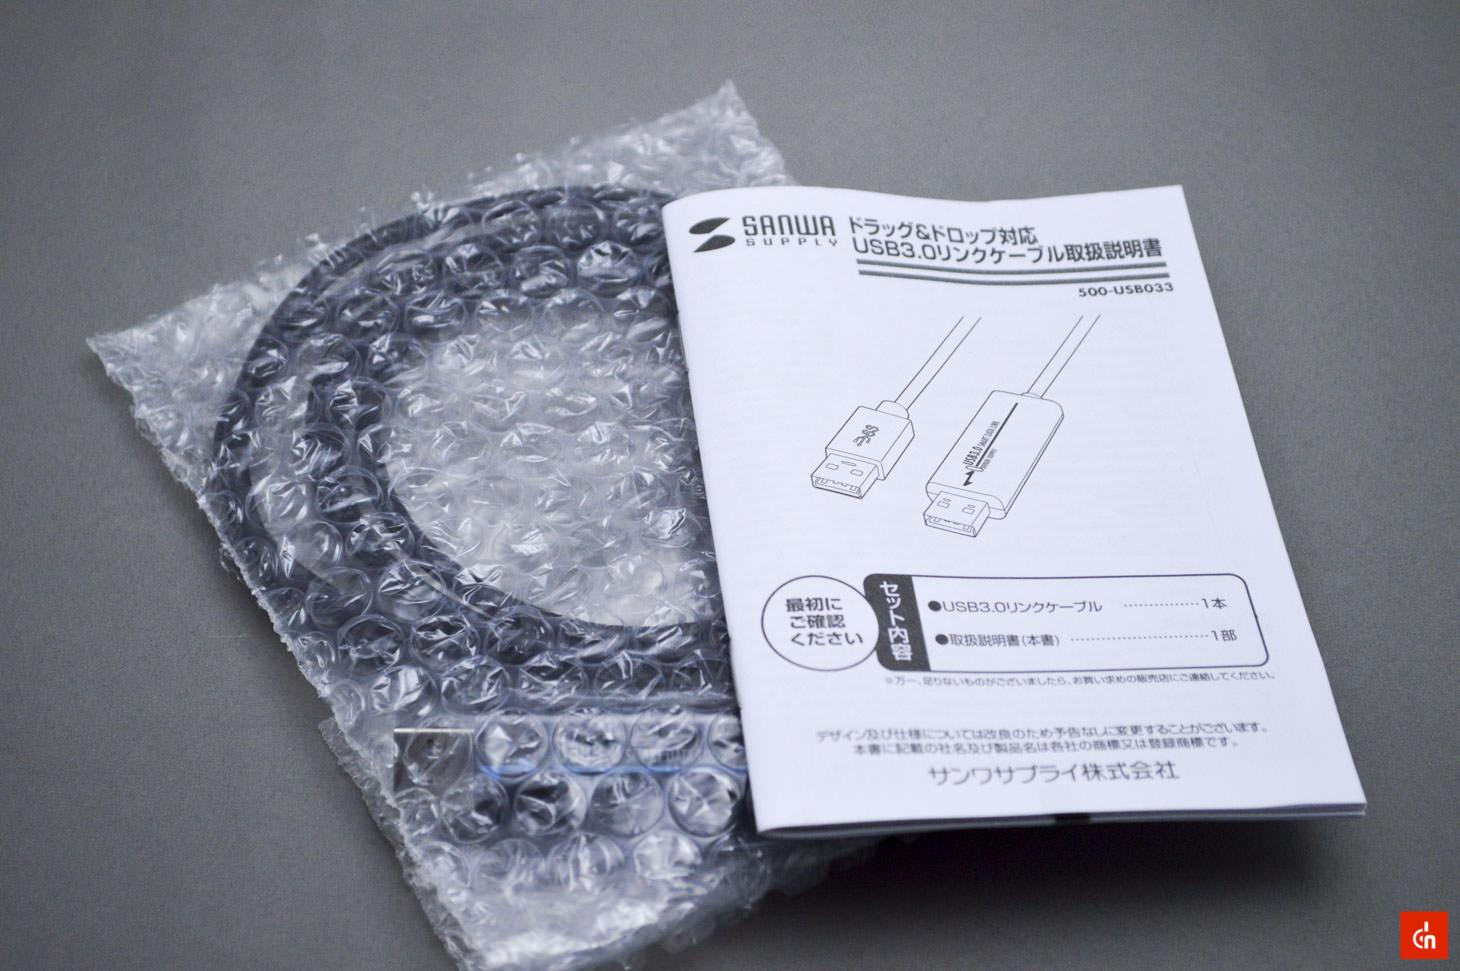 002_20160613_smart-sata-cable